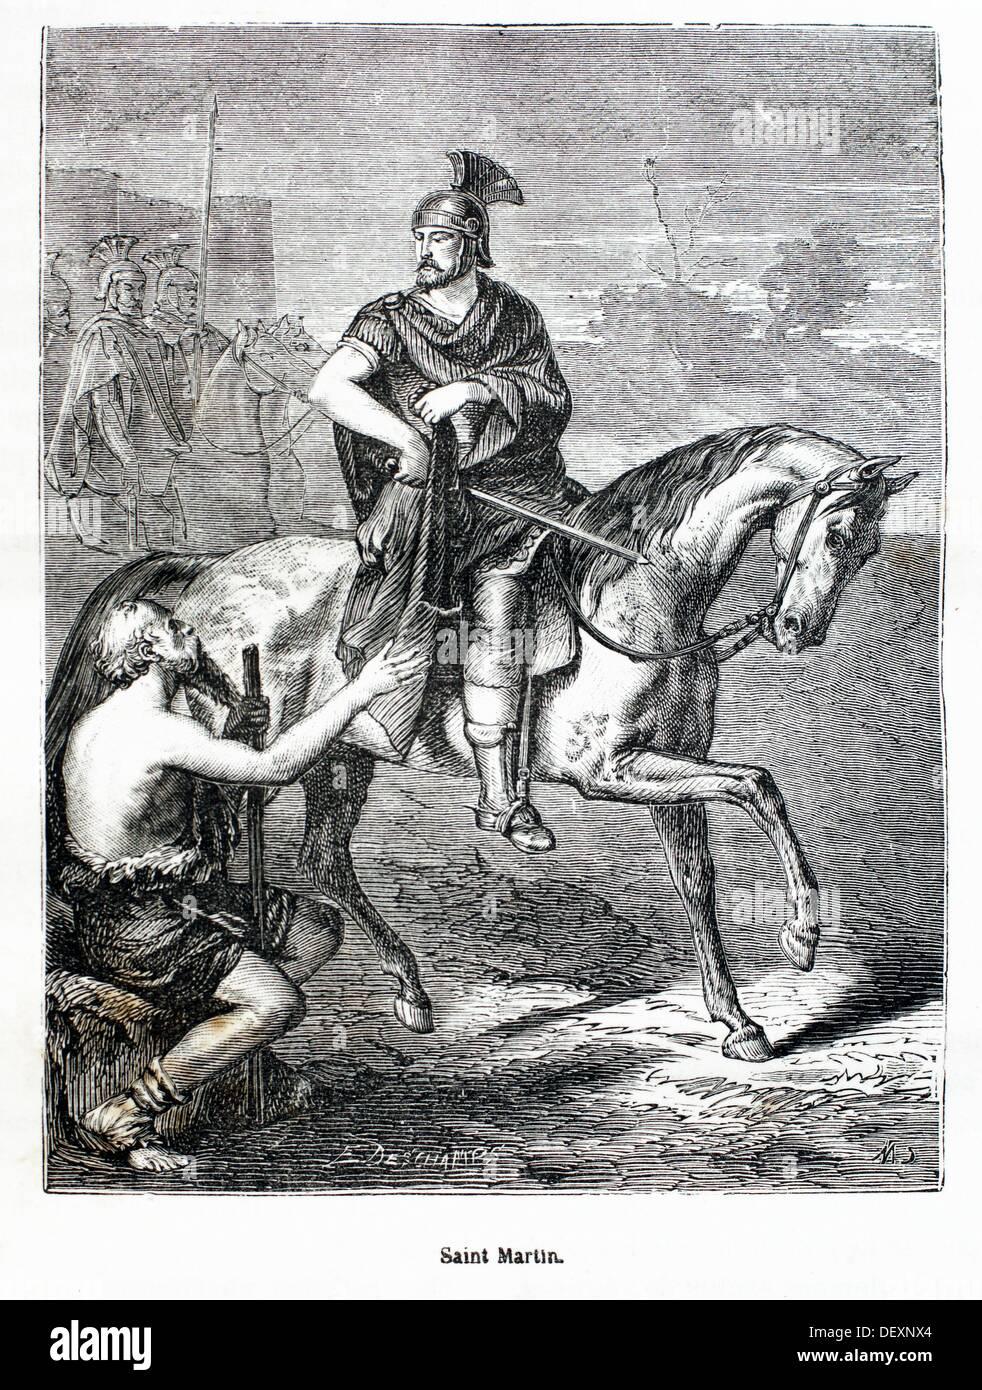 France, History- ´Saint Martin´ -Saint Martin of Tours Latin: Sanctus Martinus Turonensis, Savaria, Pannonia now Szombathely, - Stock Image